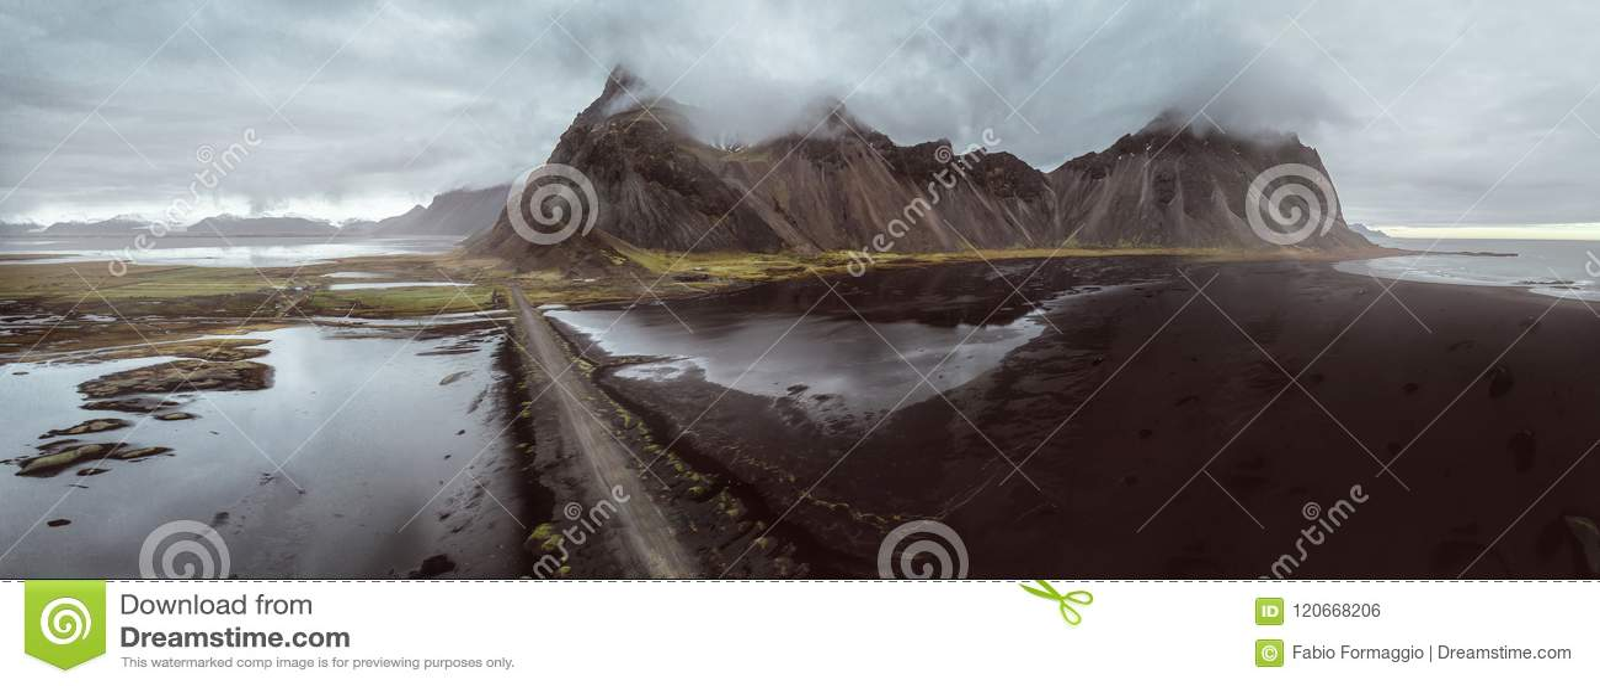 Islandzkie panoramy, widok z lotu ptaka na ziemiach